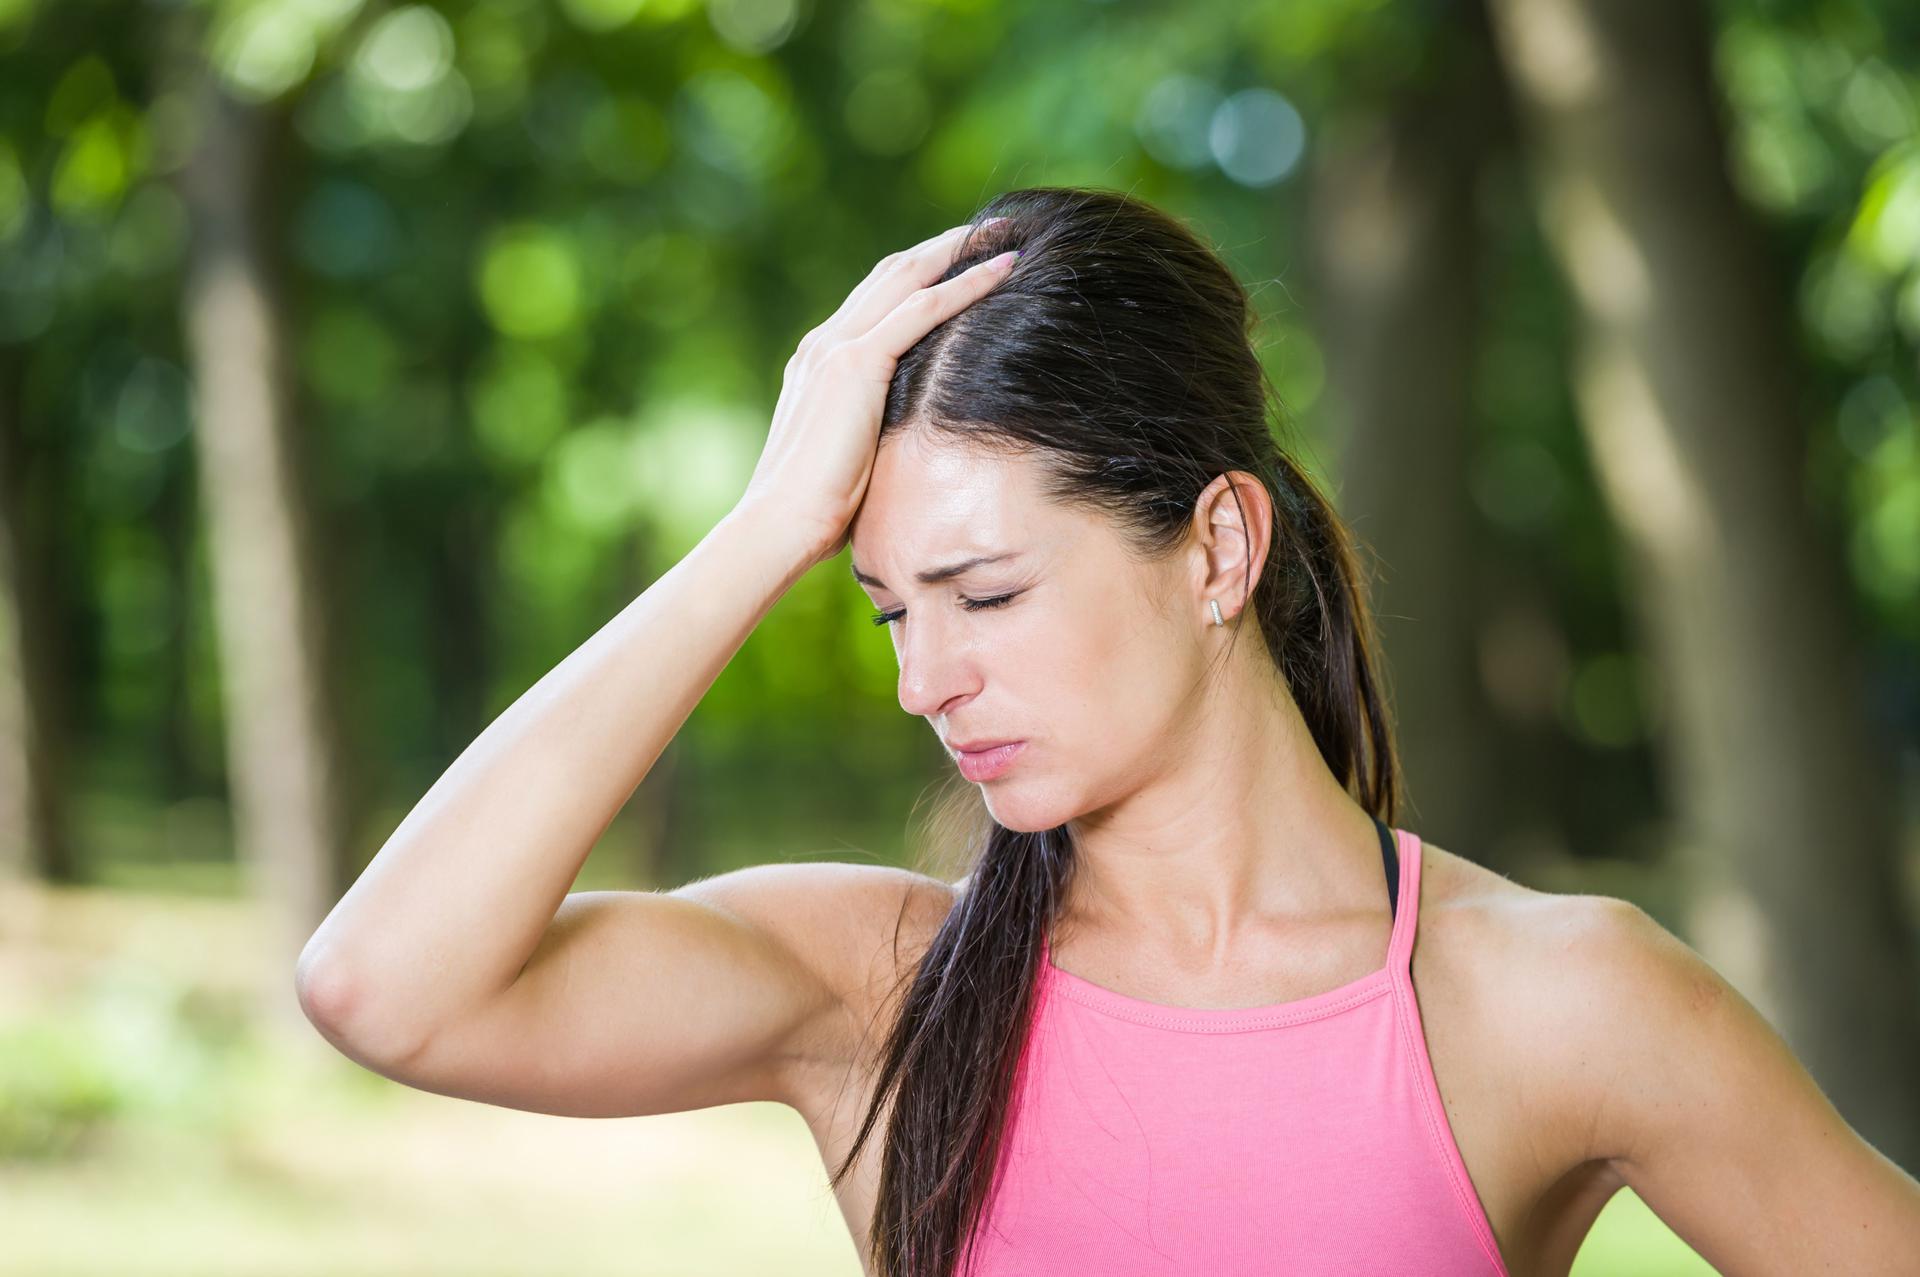 Jak schudnąć gdy nie można ćwiczyć mężczyzna